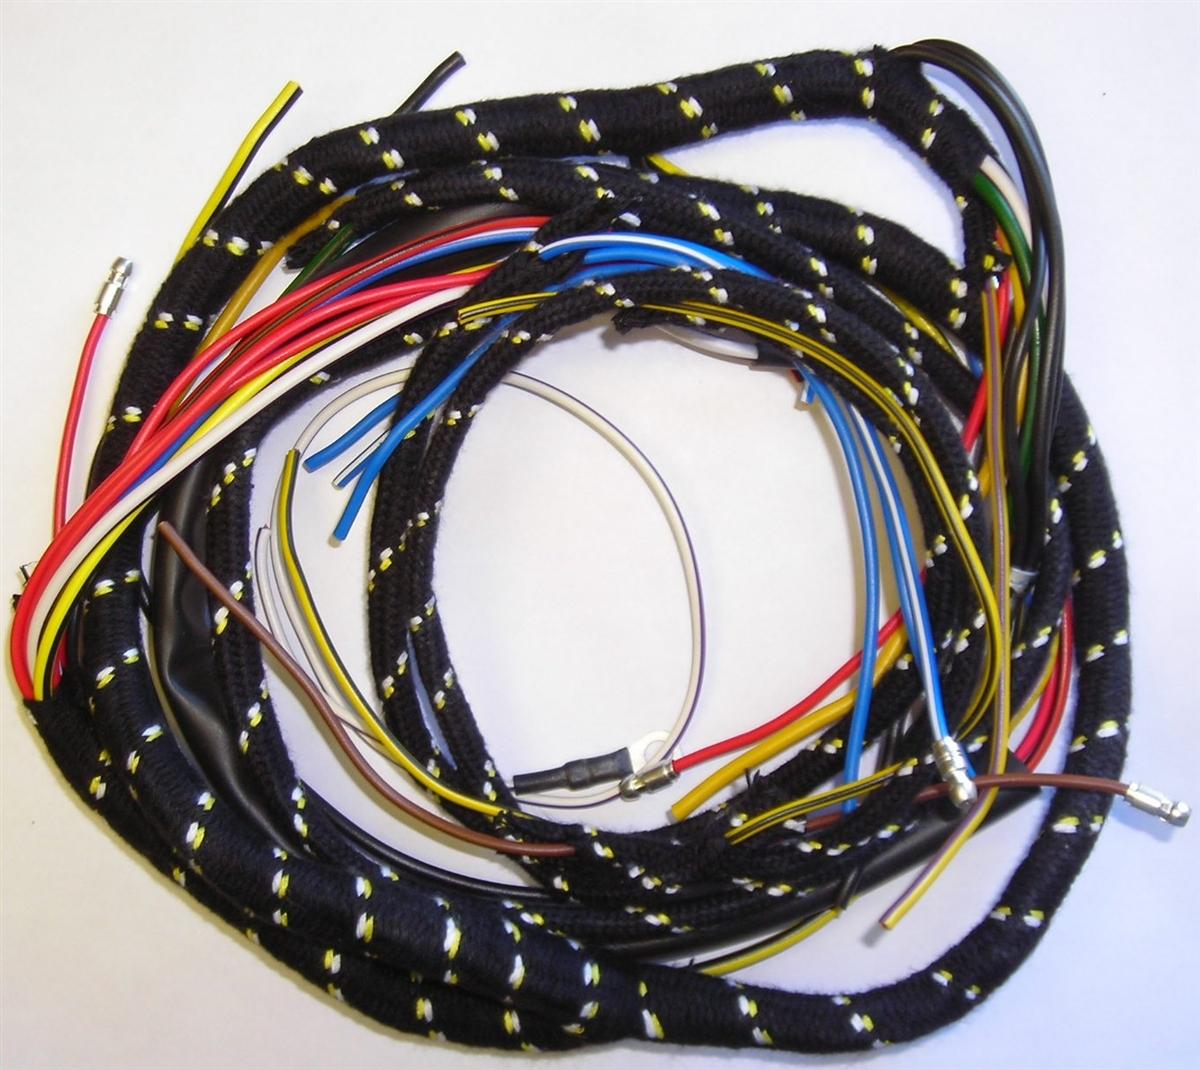 1946 1949 triumph 5t main wiring harness mc51pb main wiring harness 2007 yzf r6 main wiring harness [ 1200 x 1070 Pixel ]